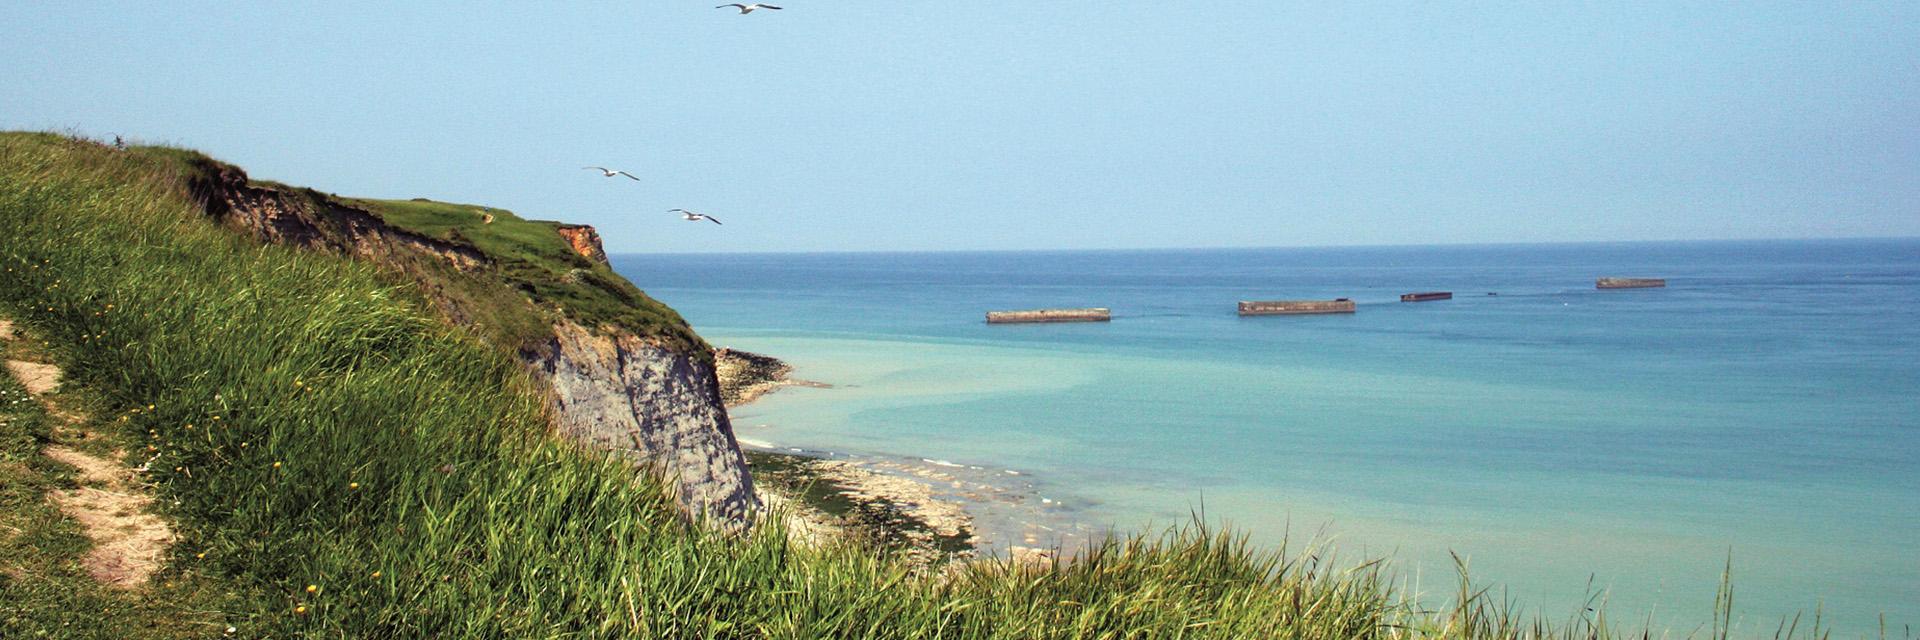 Séjours en groupe en Normandie et Côte d'Opale